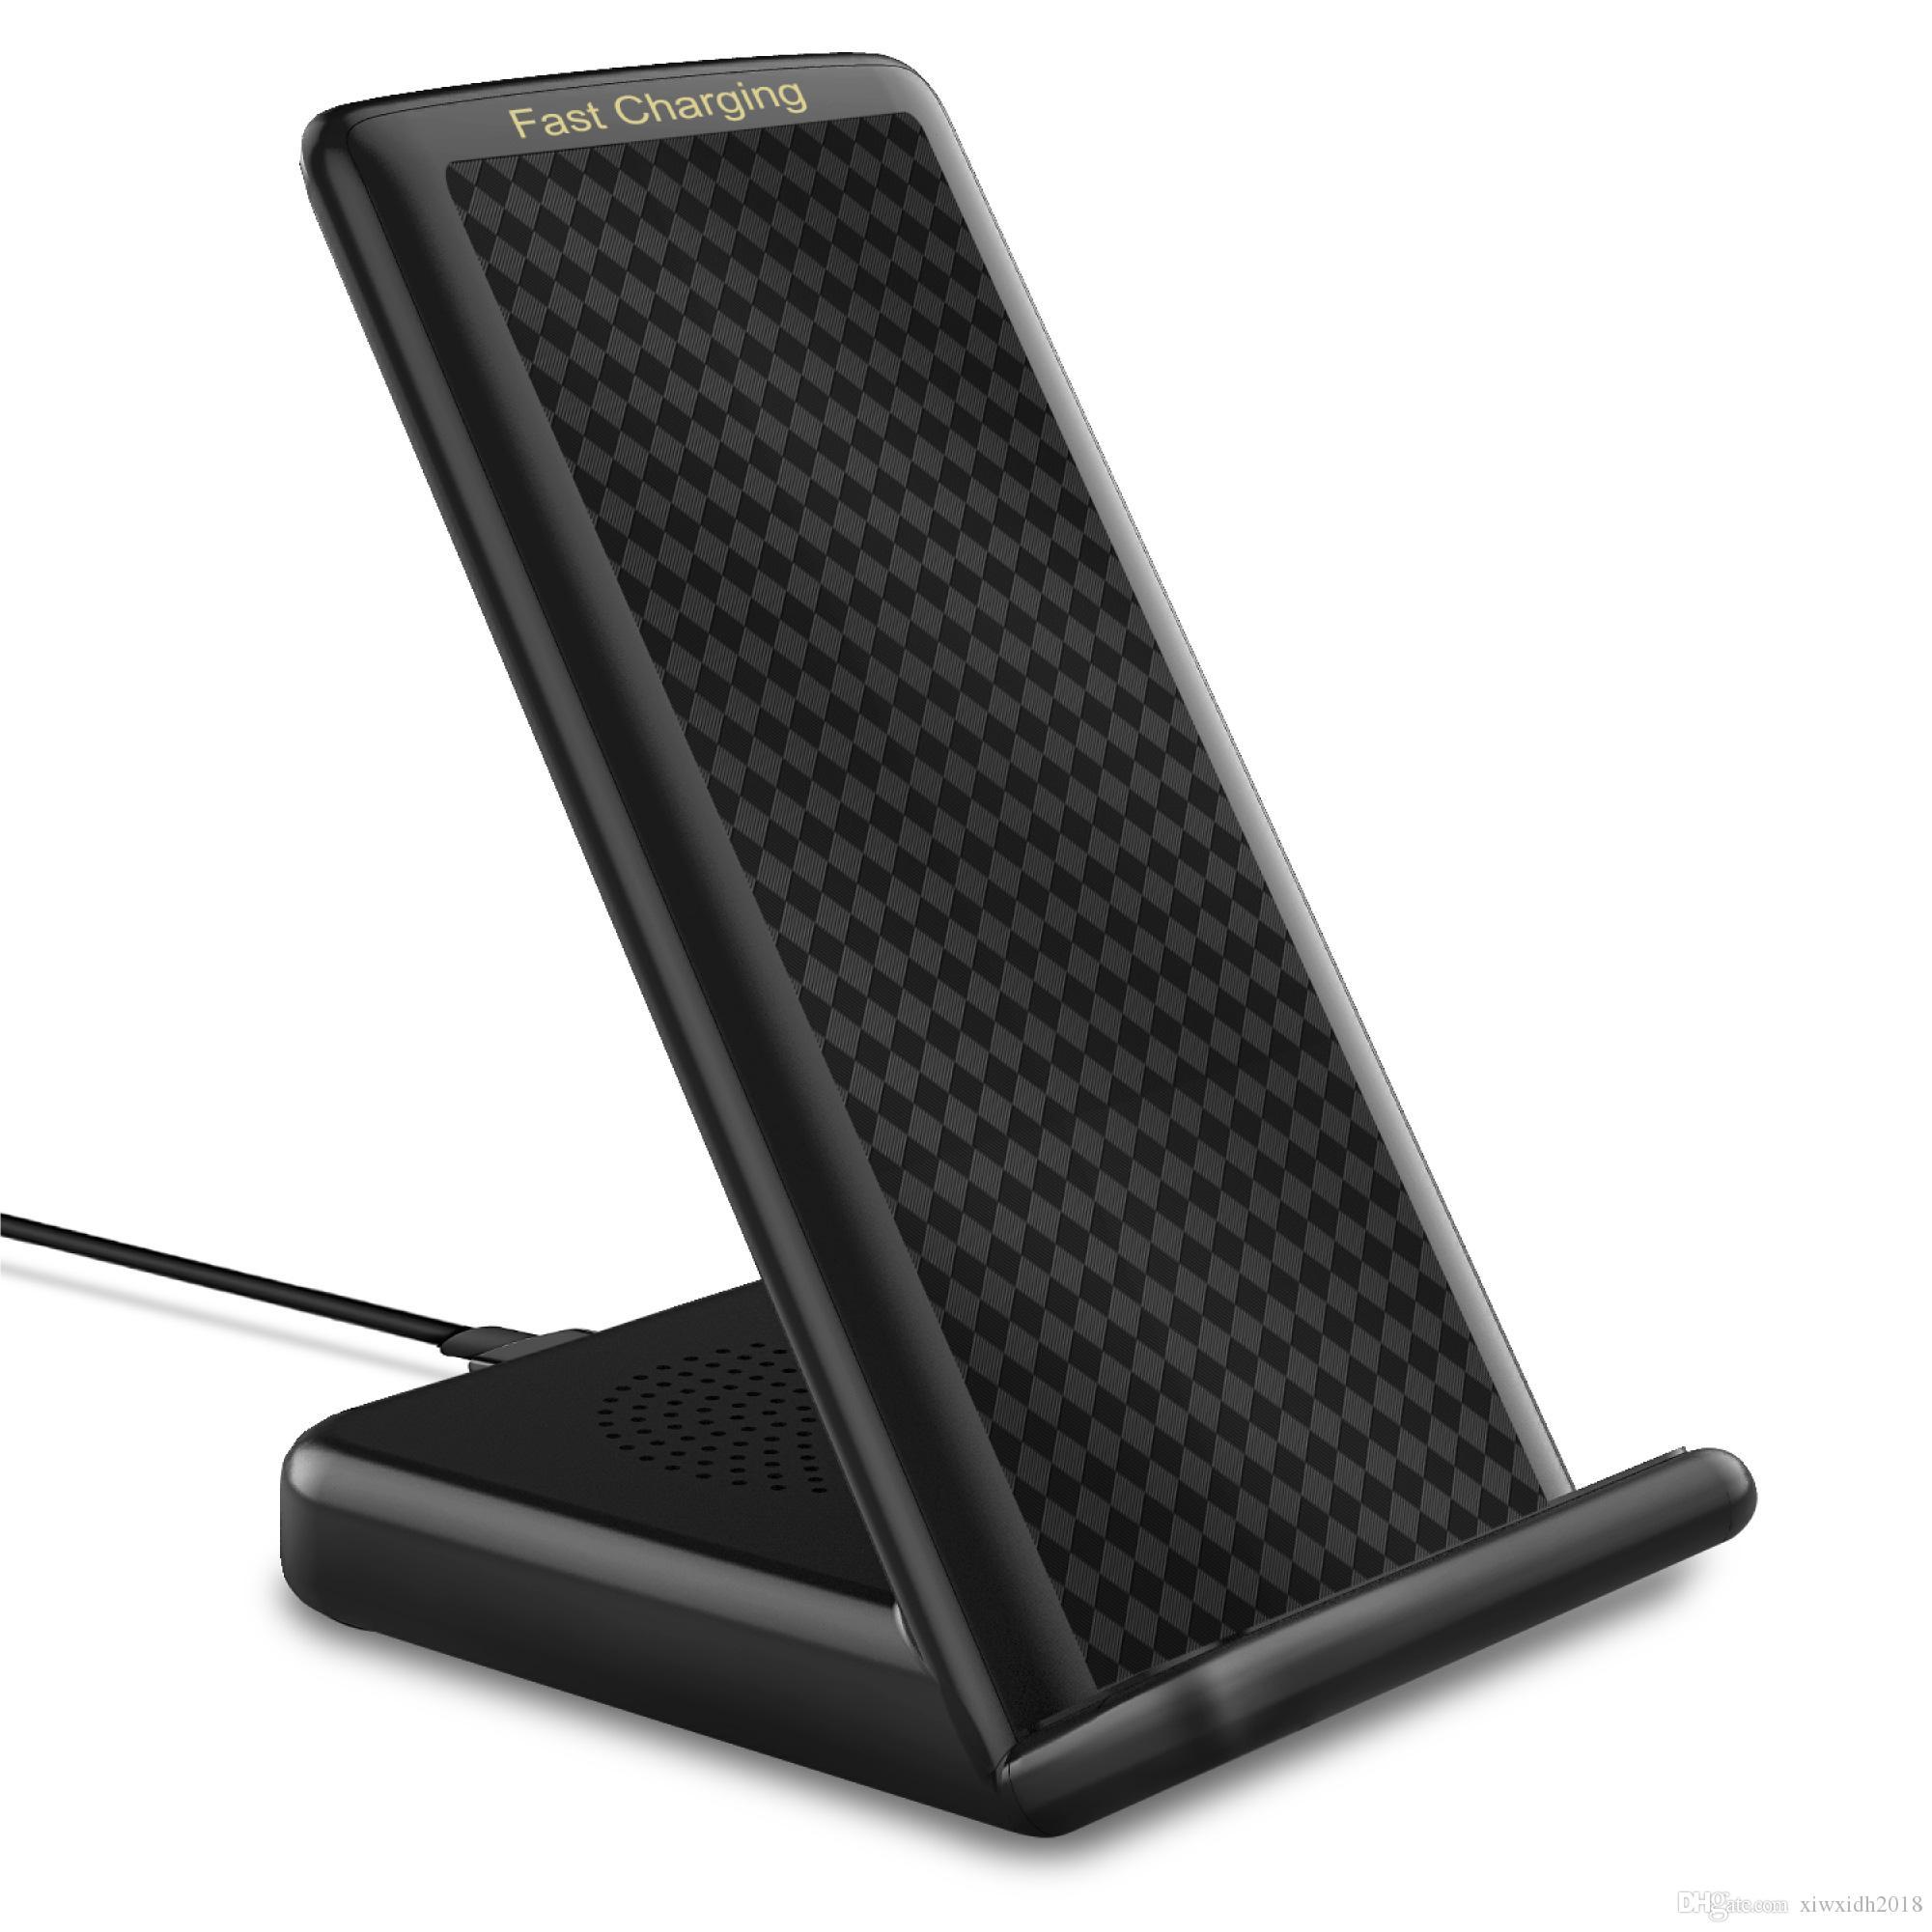 빠른 무선 충전기 무선 충전 대 아이폰 X 아이폰 8 아이폰 8 플러스, 삼성 Note8 S8 S8 Plus S7 S7 Edge 용